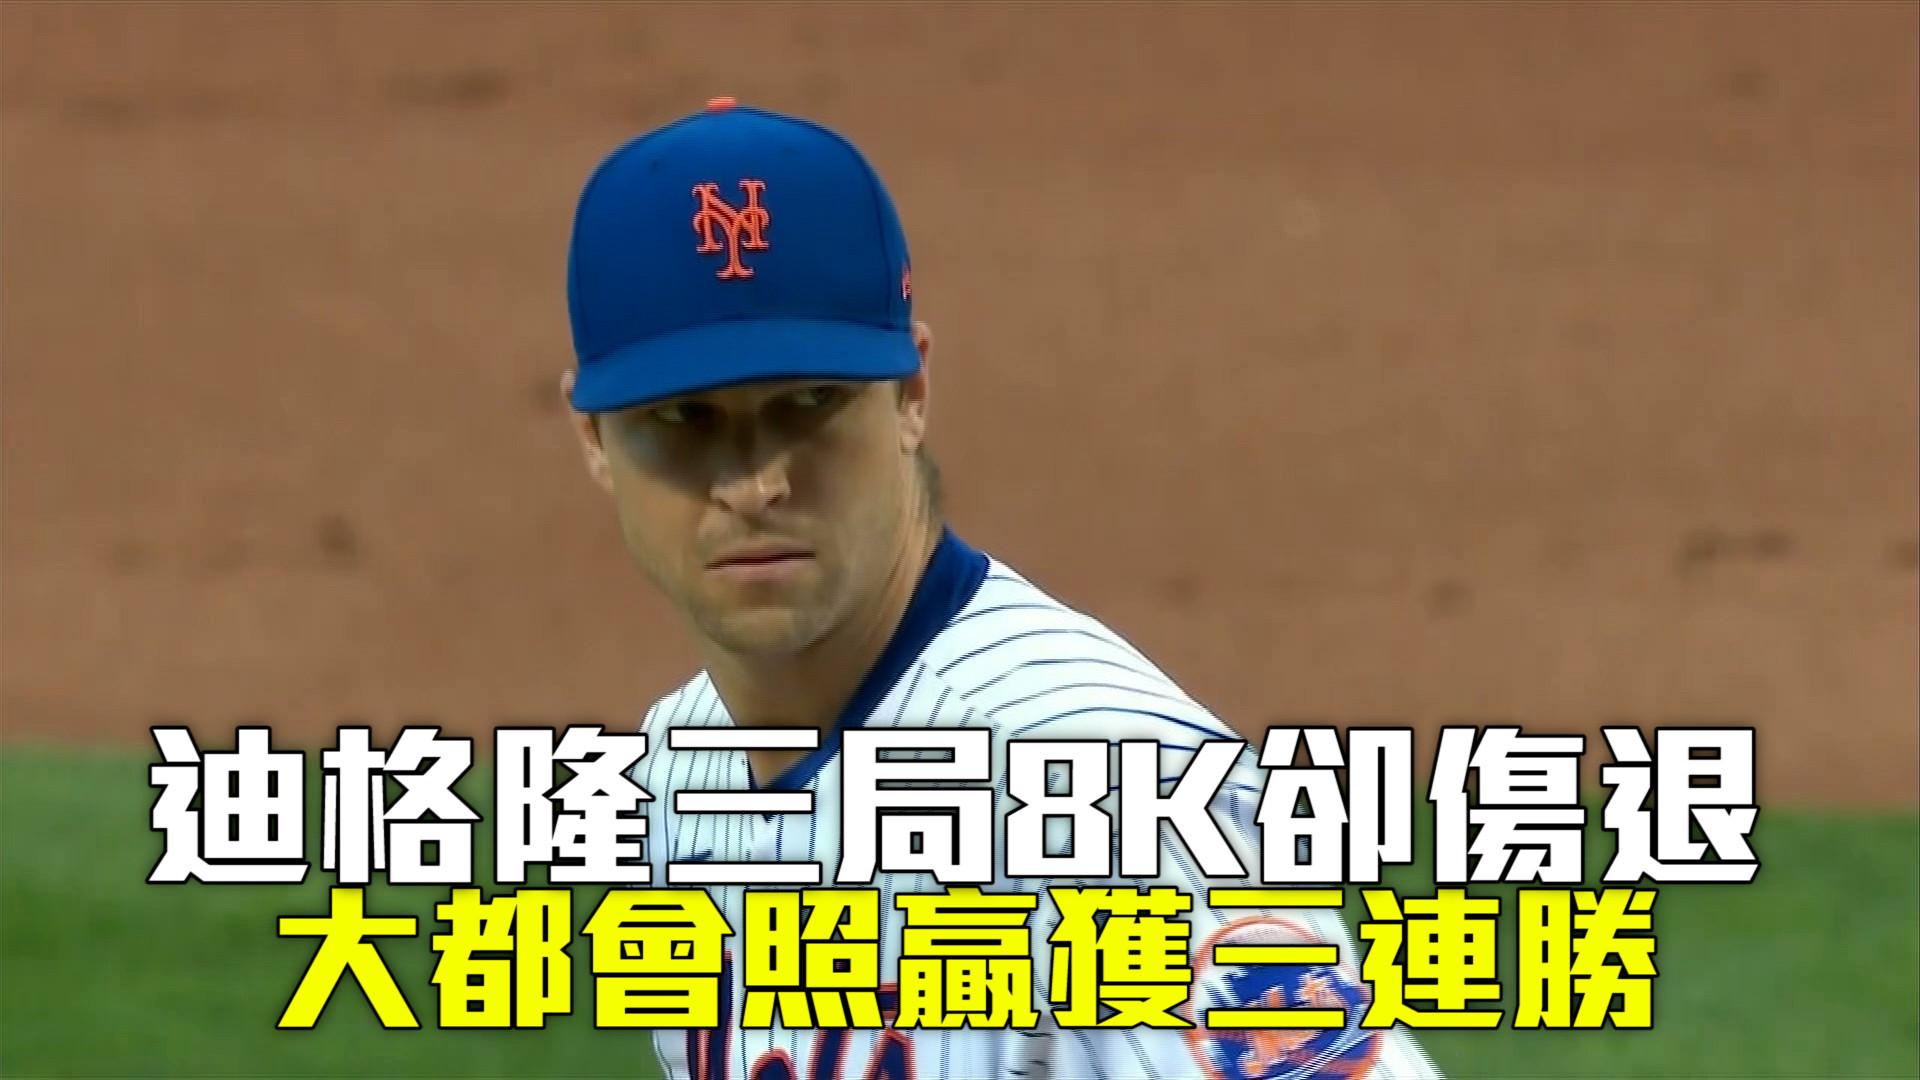 【MLB看愛爾達】迪格隆右肩不適傷退 大都會照贏小熊 06/17